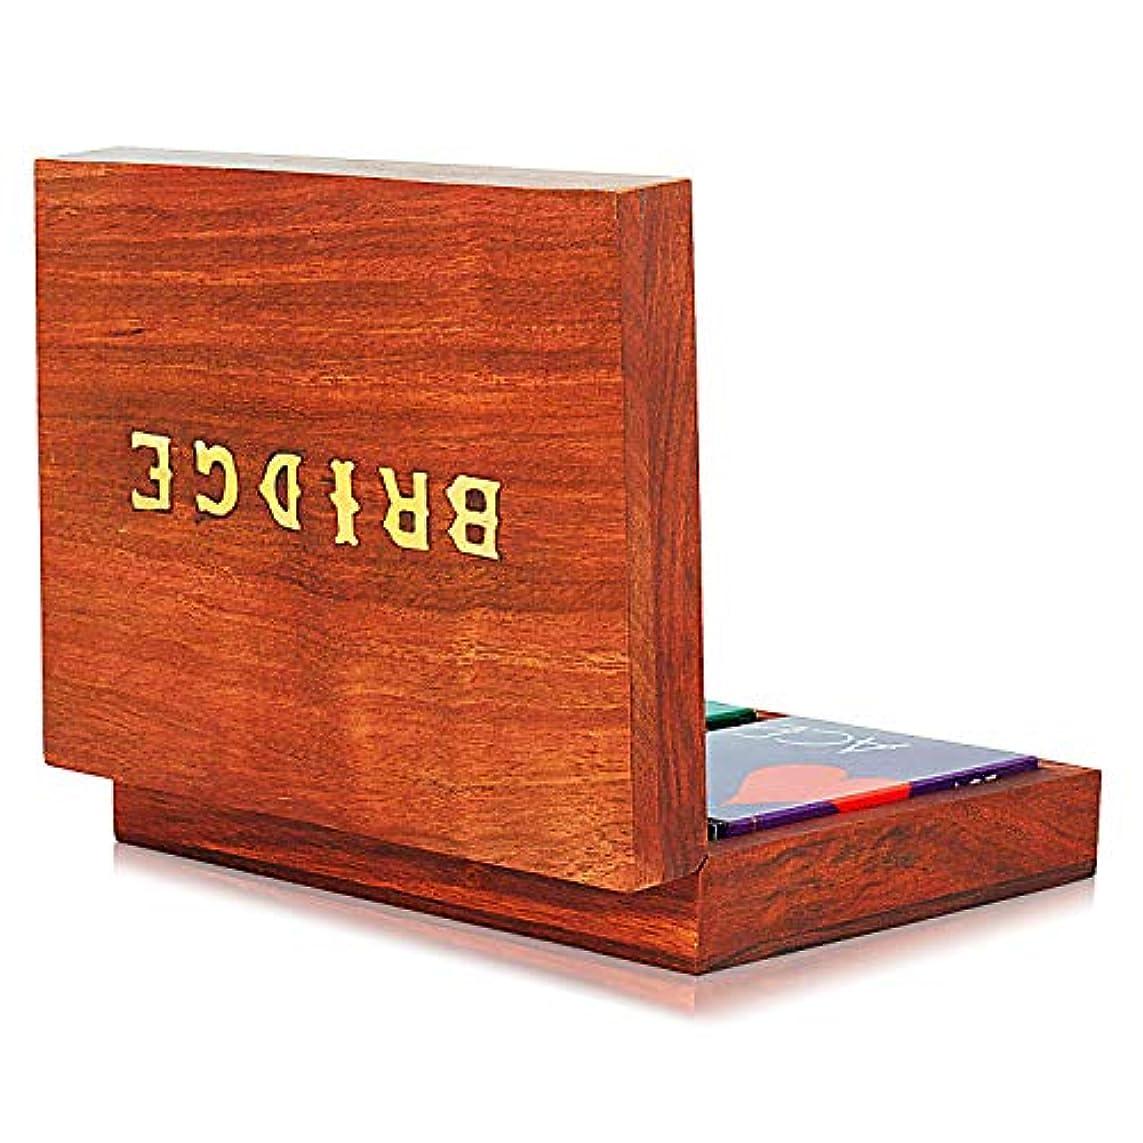 噂鳥かんがいThe Great Indian Bazaar 手作り木製ブリッジトランプ ホルダー デッキボックス 収納ケース オーガナイザー 2セット 高品質 「Ace」トランプ 記念日 新築祝い ギフト 彼氏 彼女